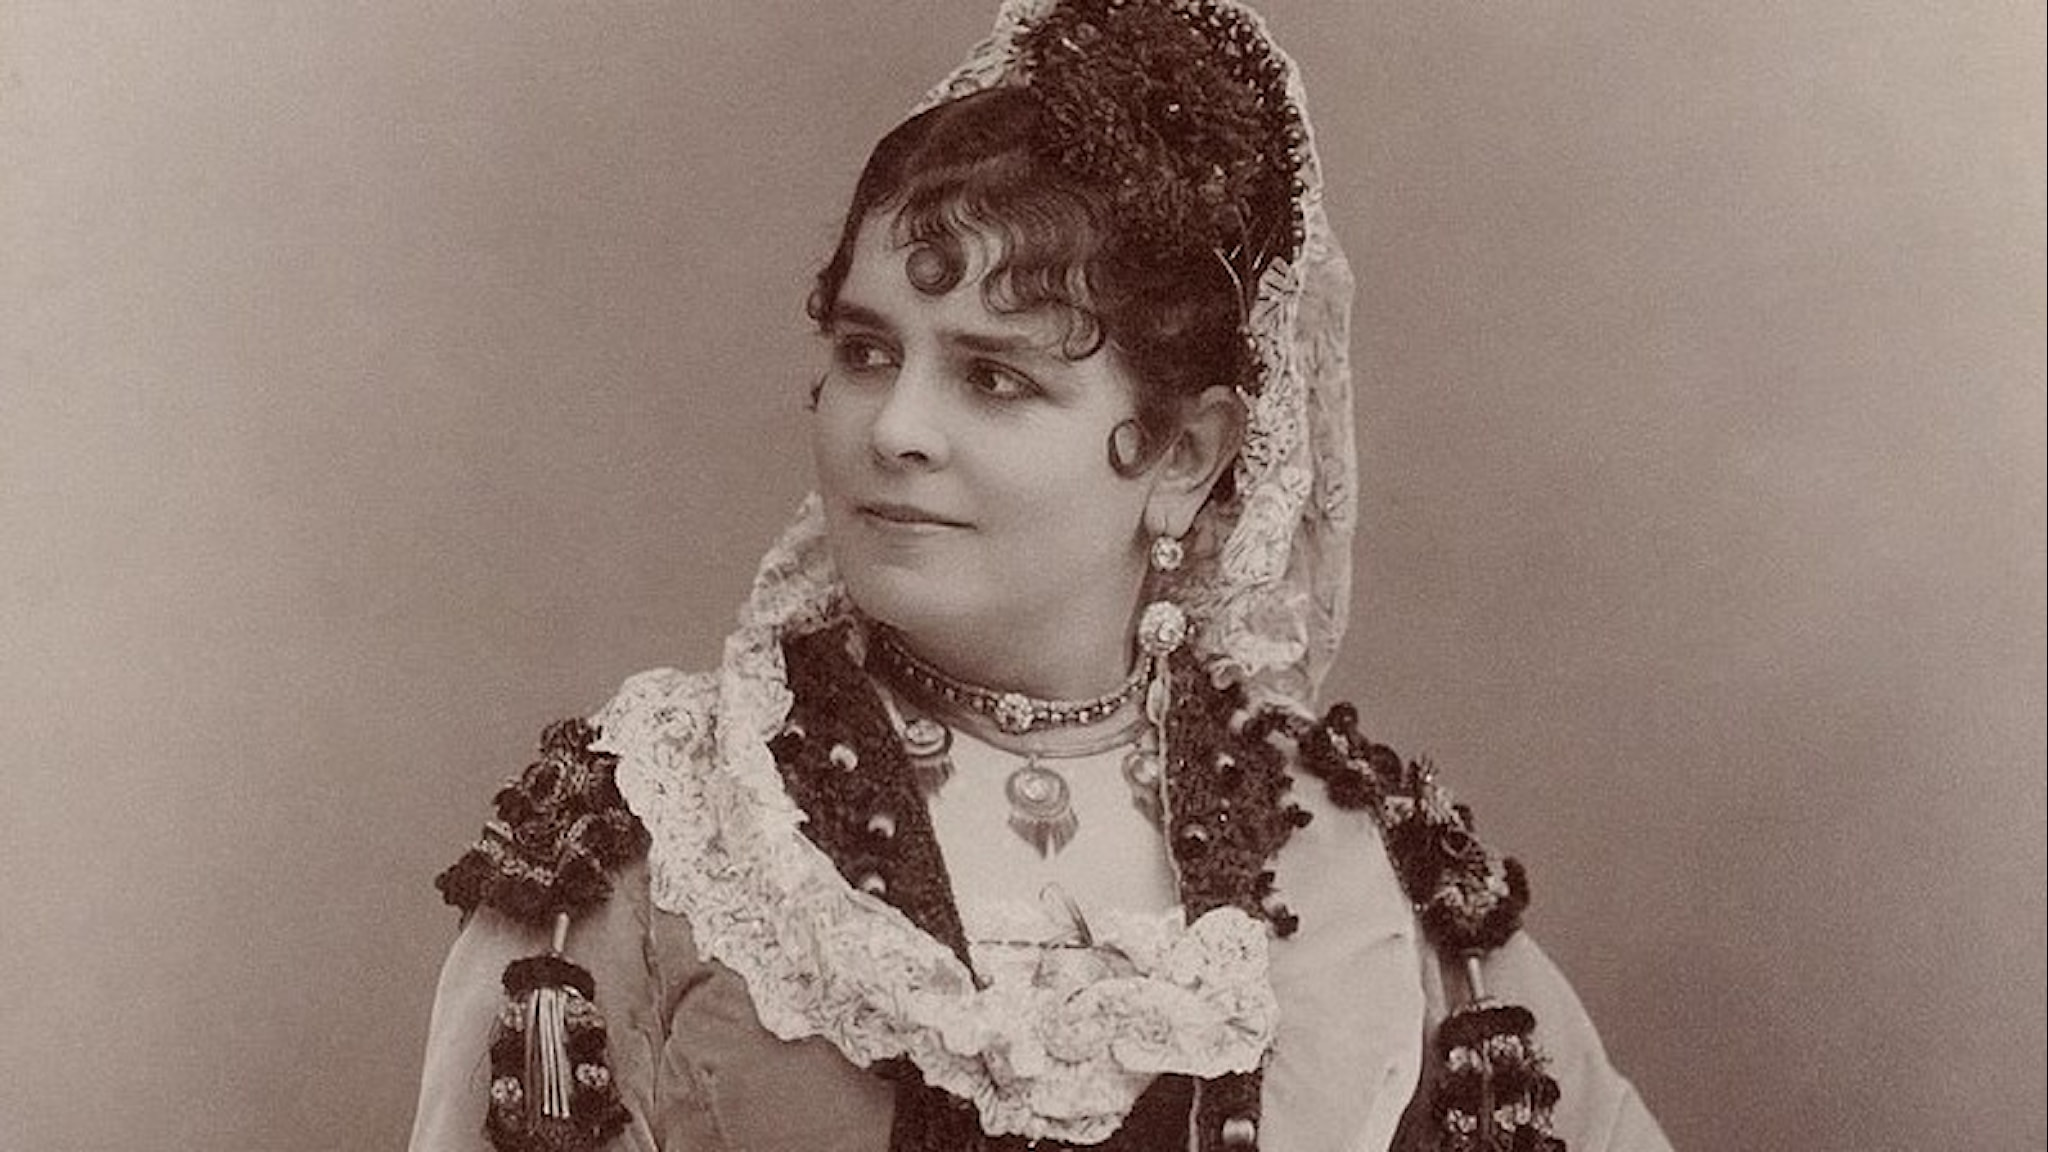 Tjusig kvinna med uppsatt hår, spetsar runt halsen och mycket smyckad